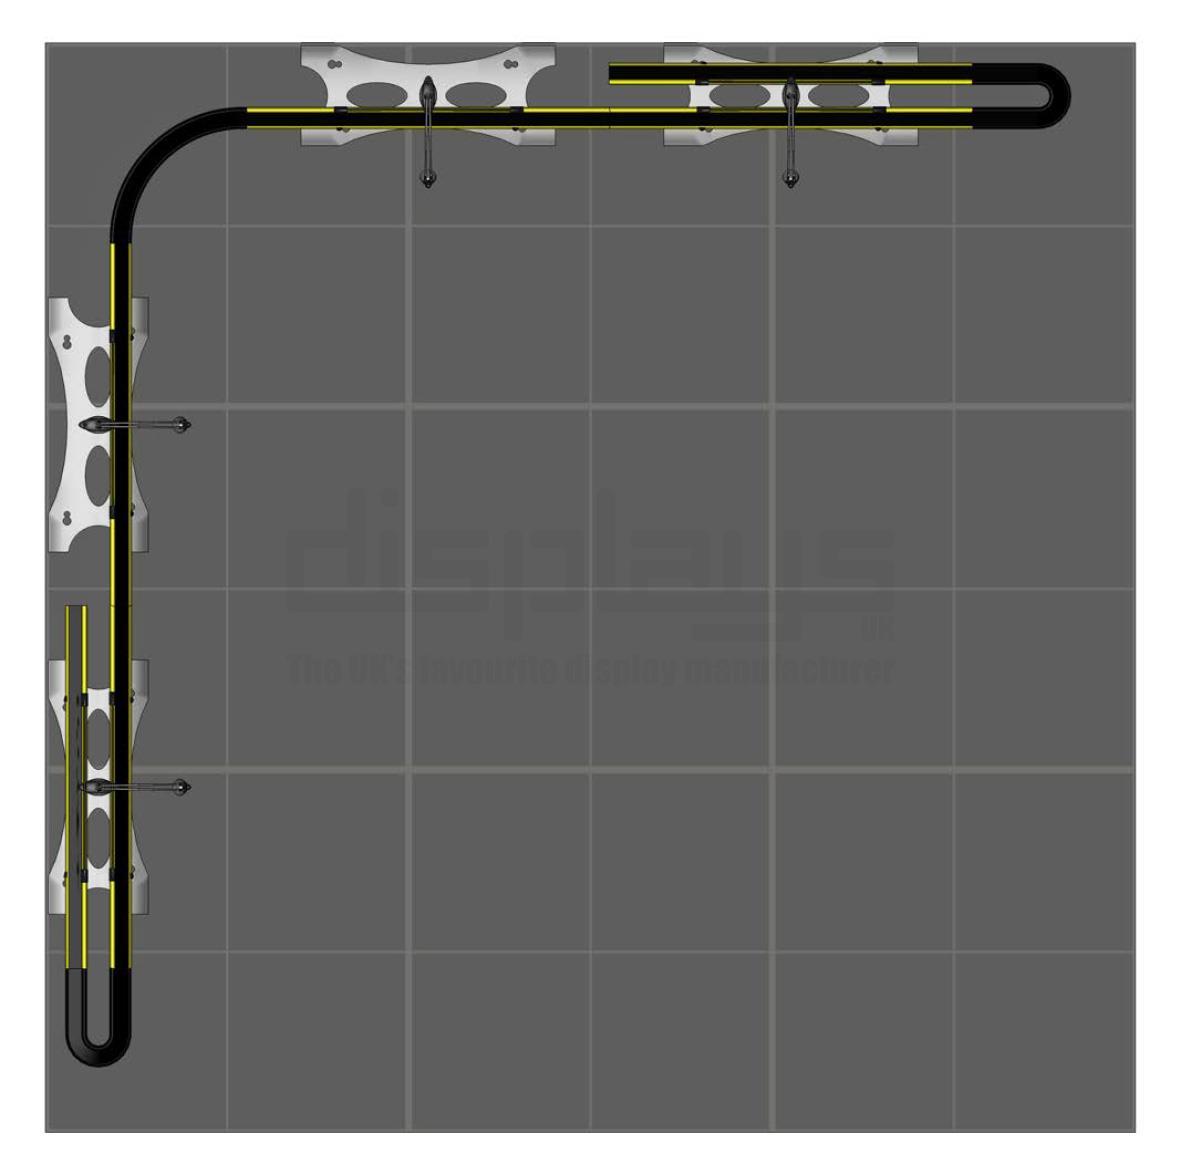 Twist Banner 3m x 3m Exhibition Stand - Kit 28